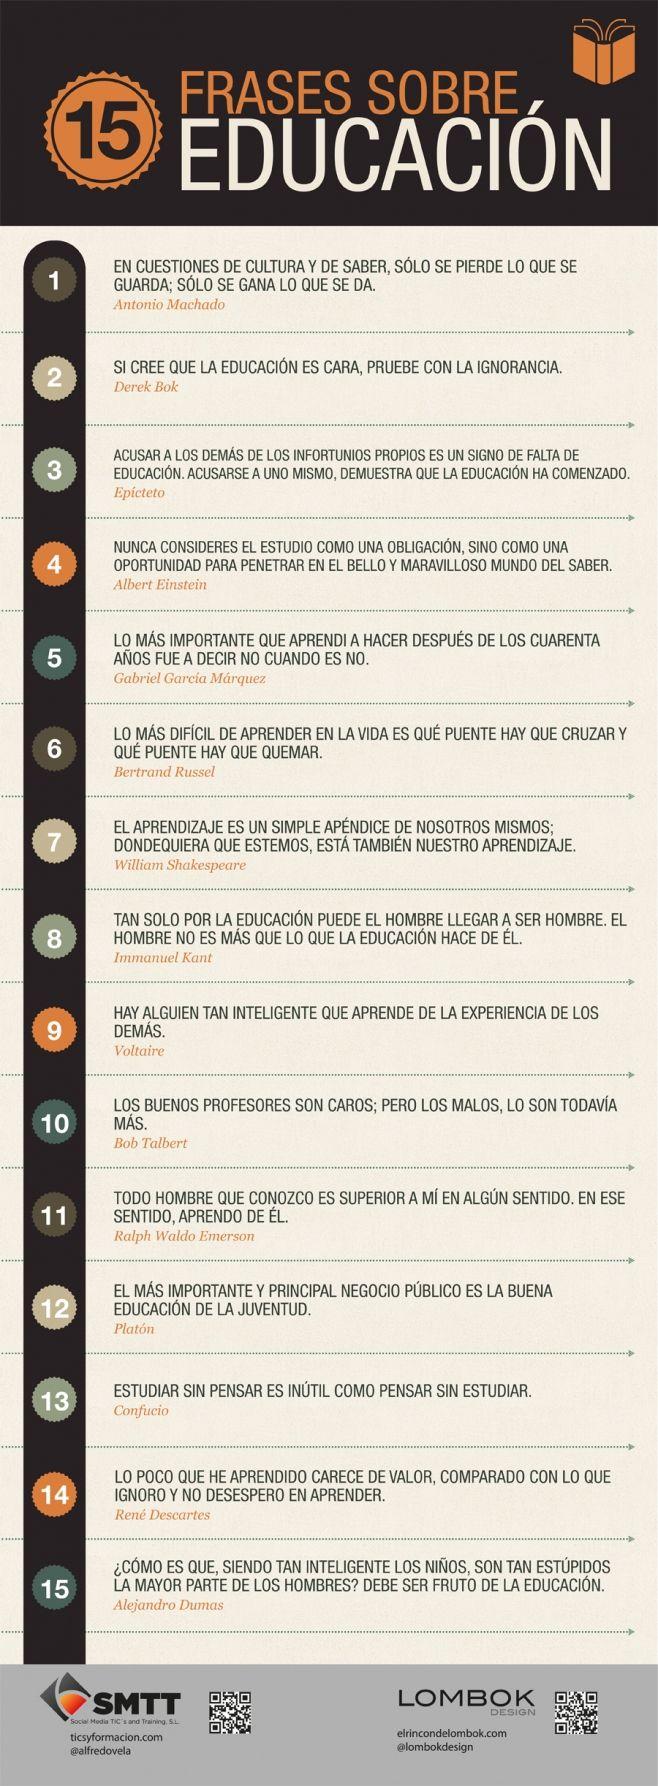 15 Frases